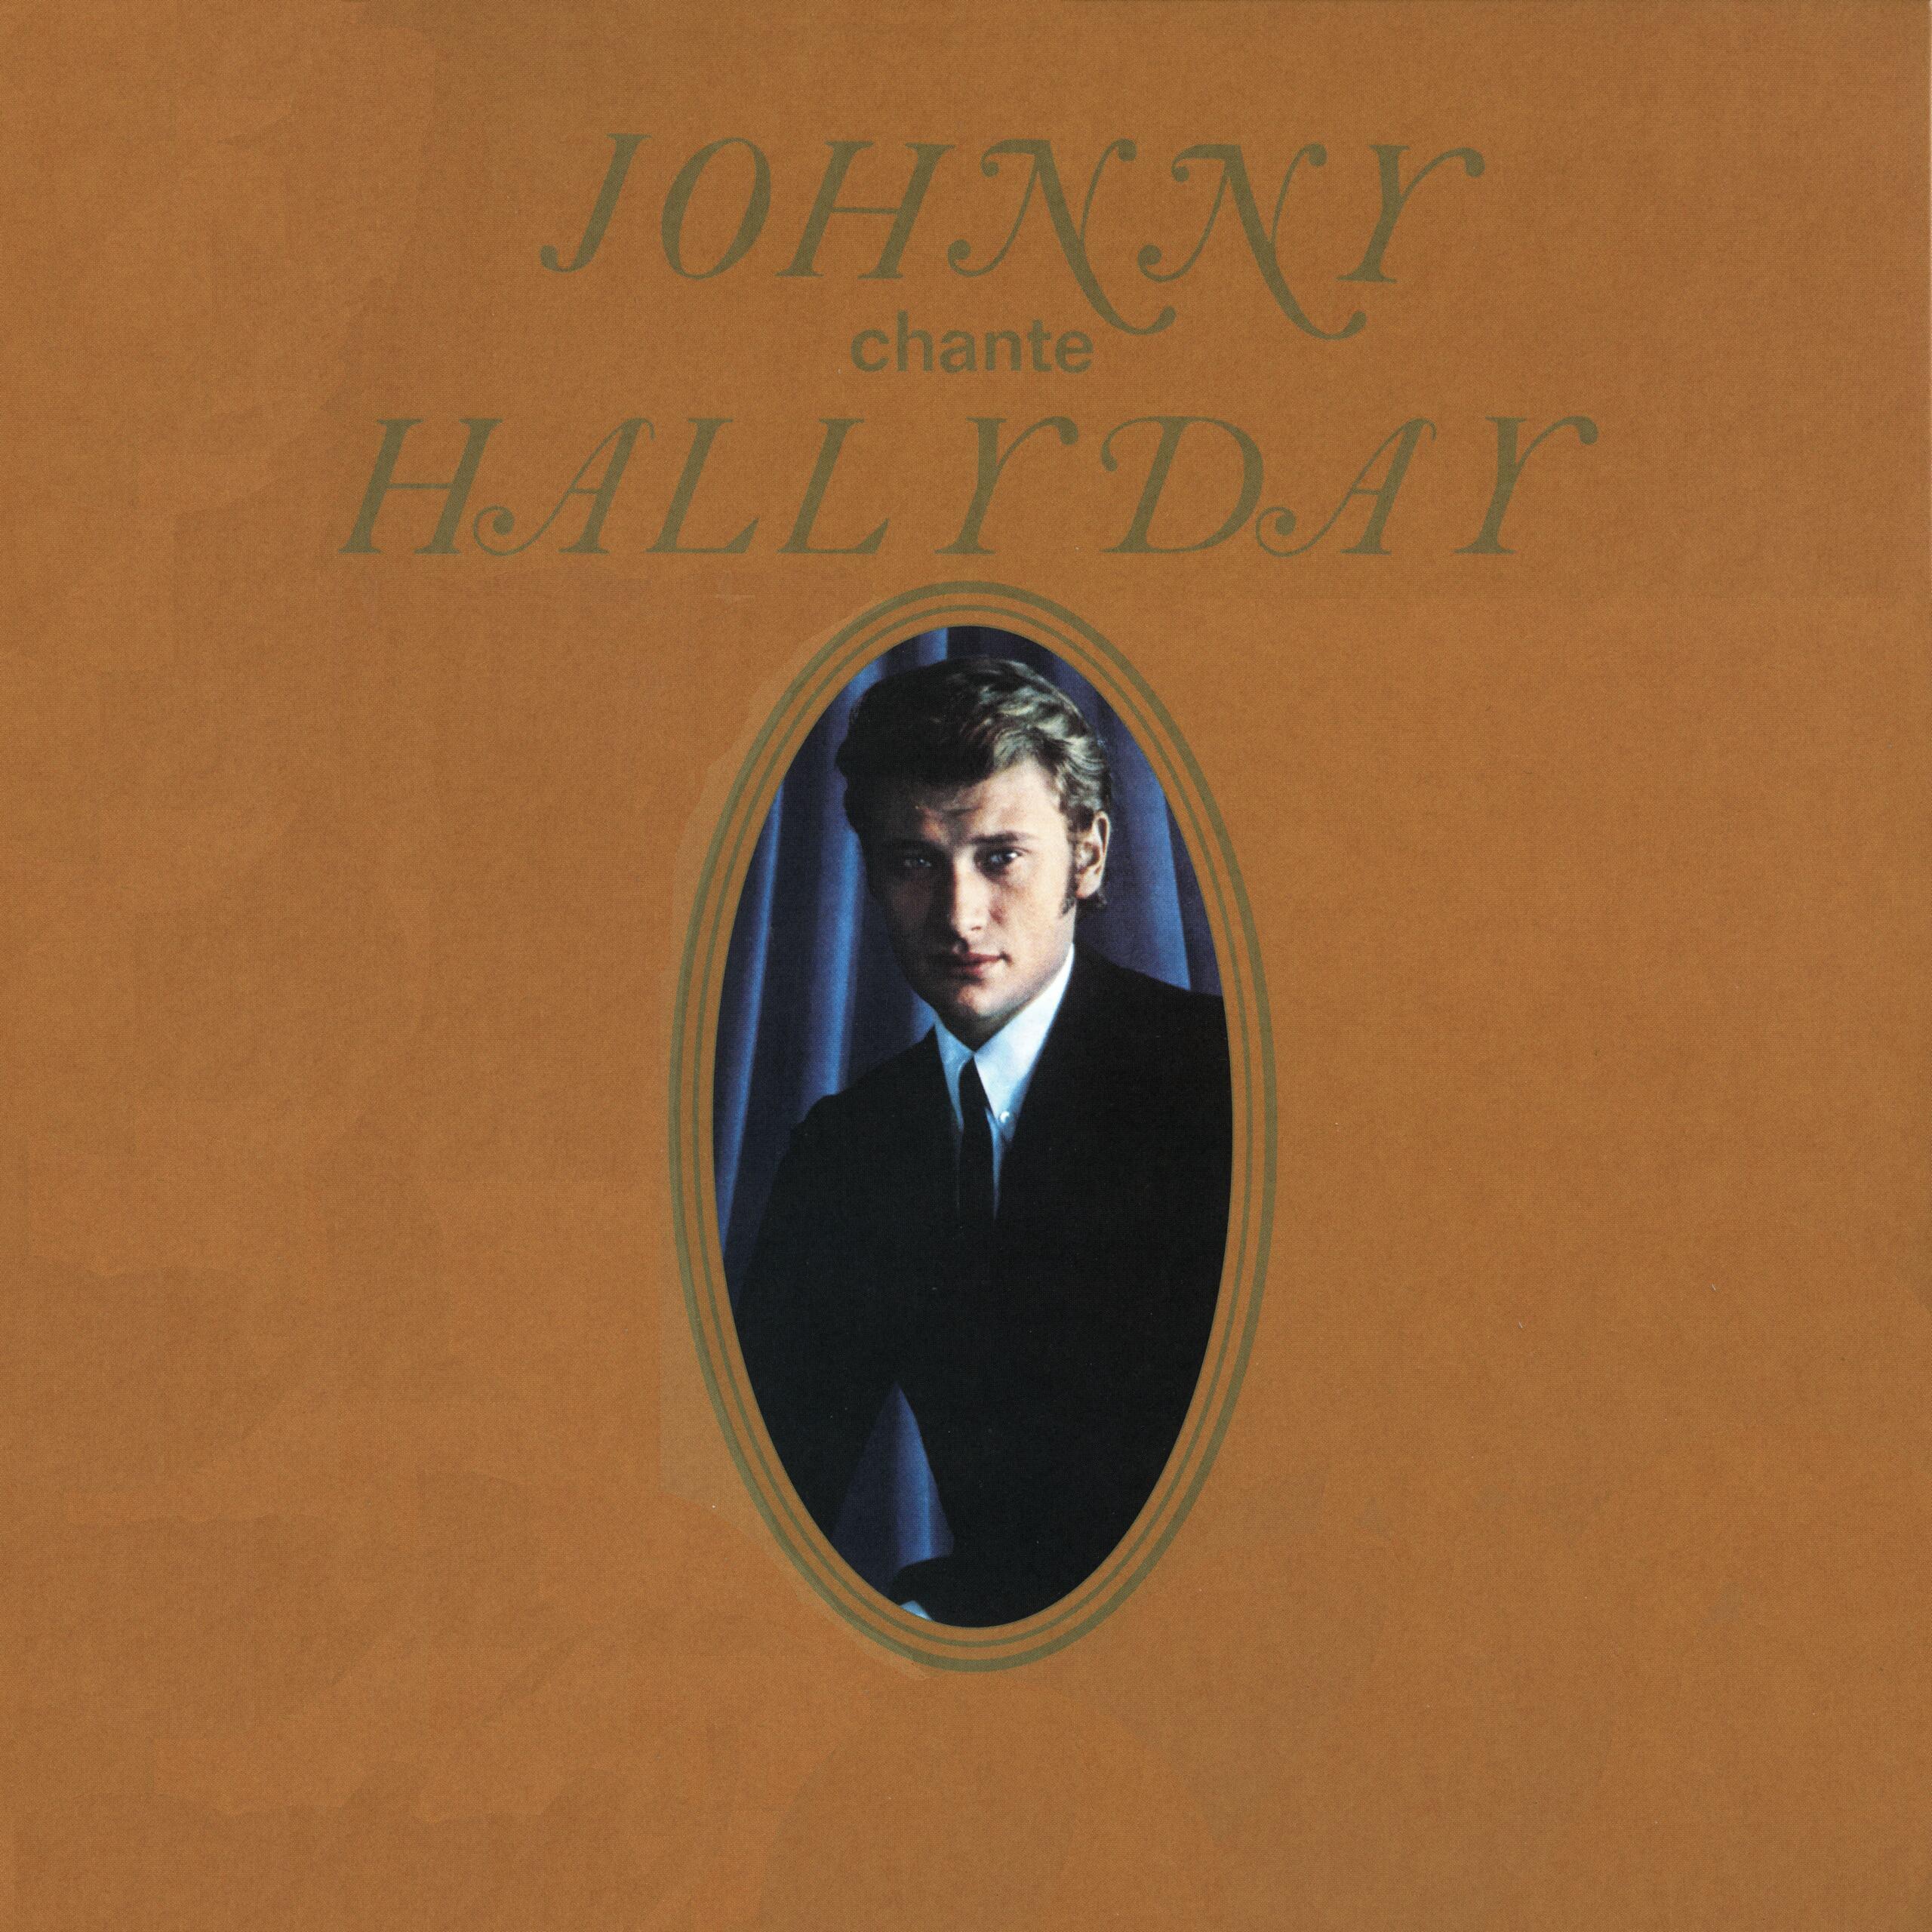 N°41 Johnny chante Hallyday 2021-094